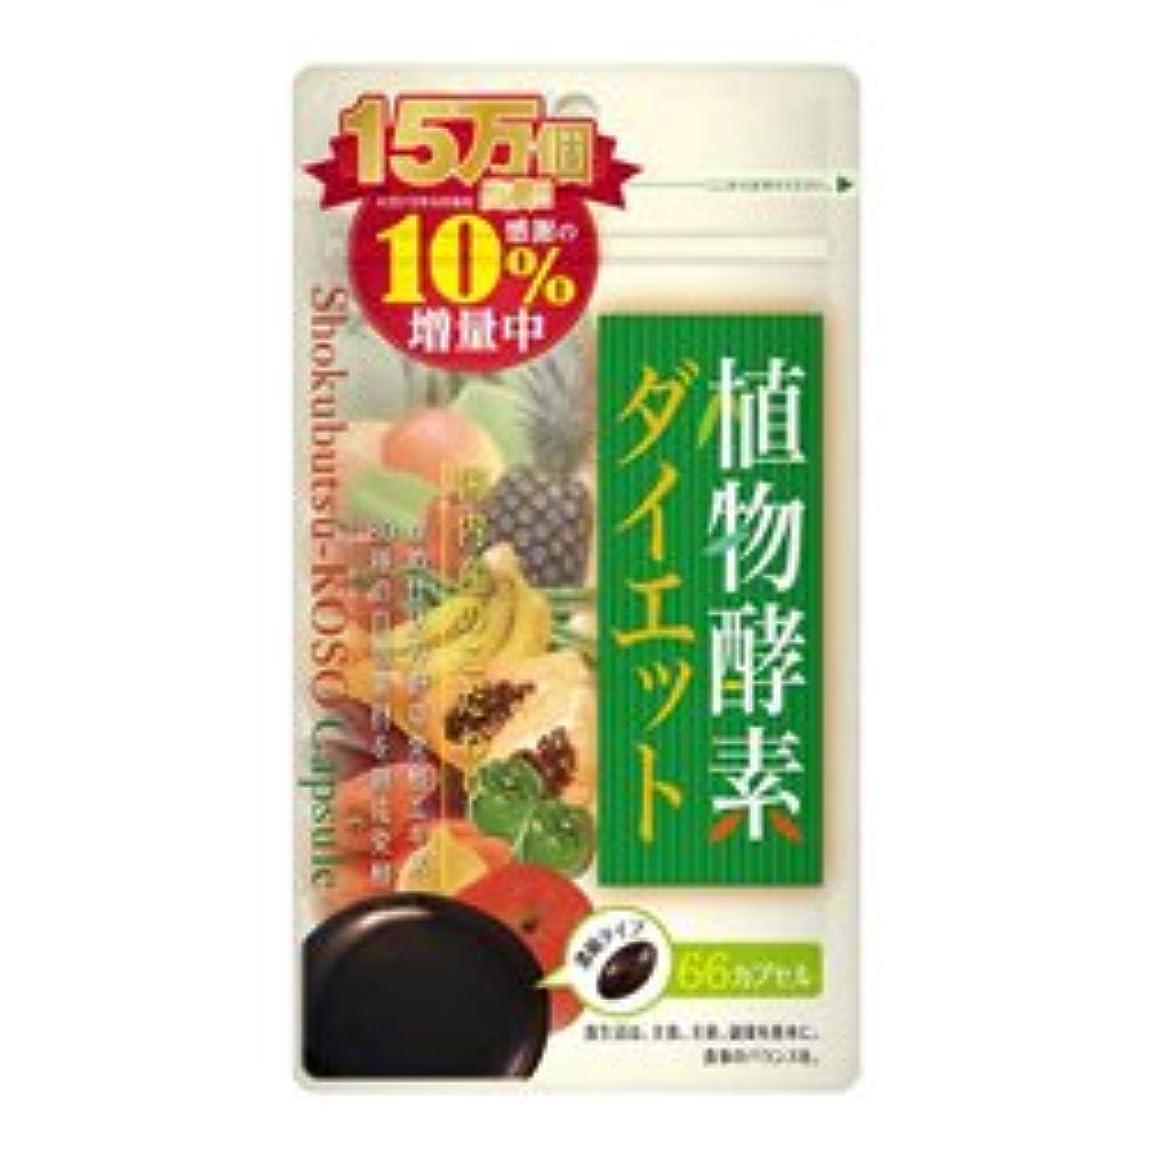 専門知識物理後【ウエルネスジャパン】植物酵素ダイエット 66カプセル ×5個セット